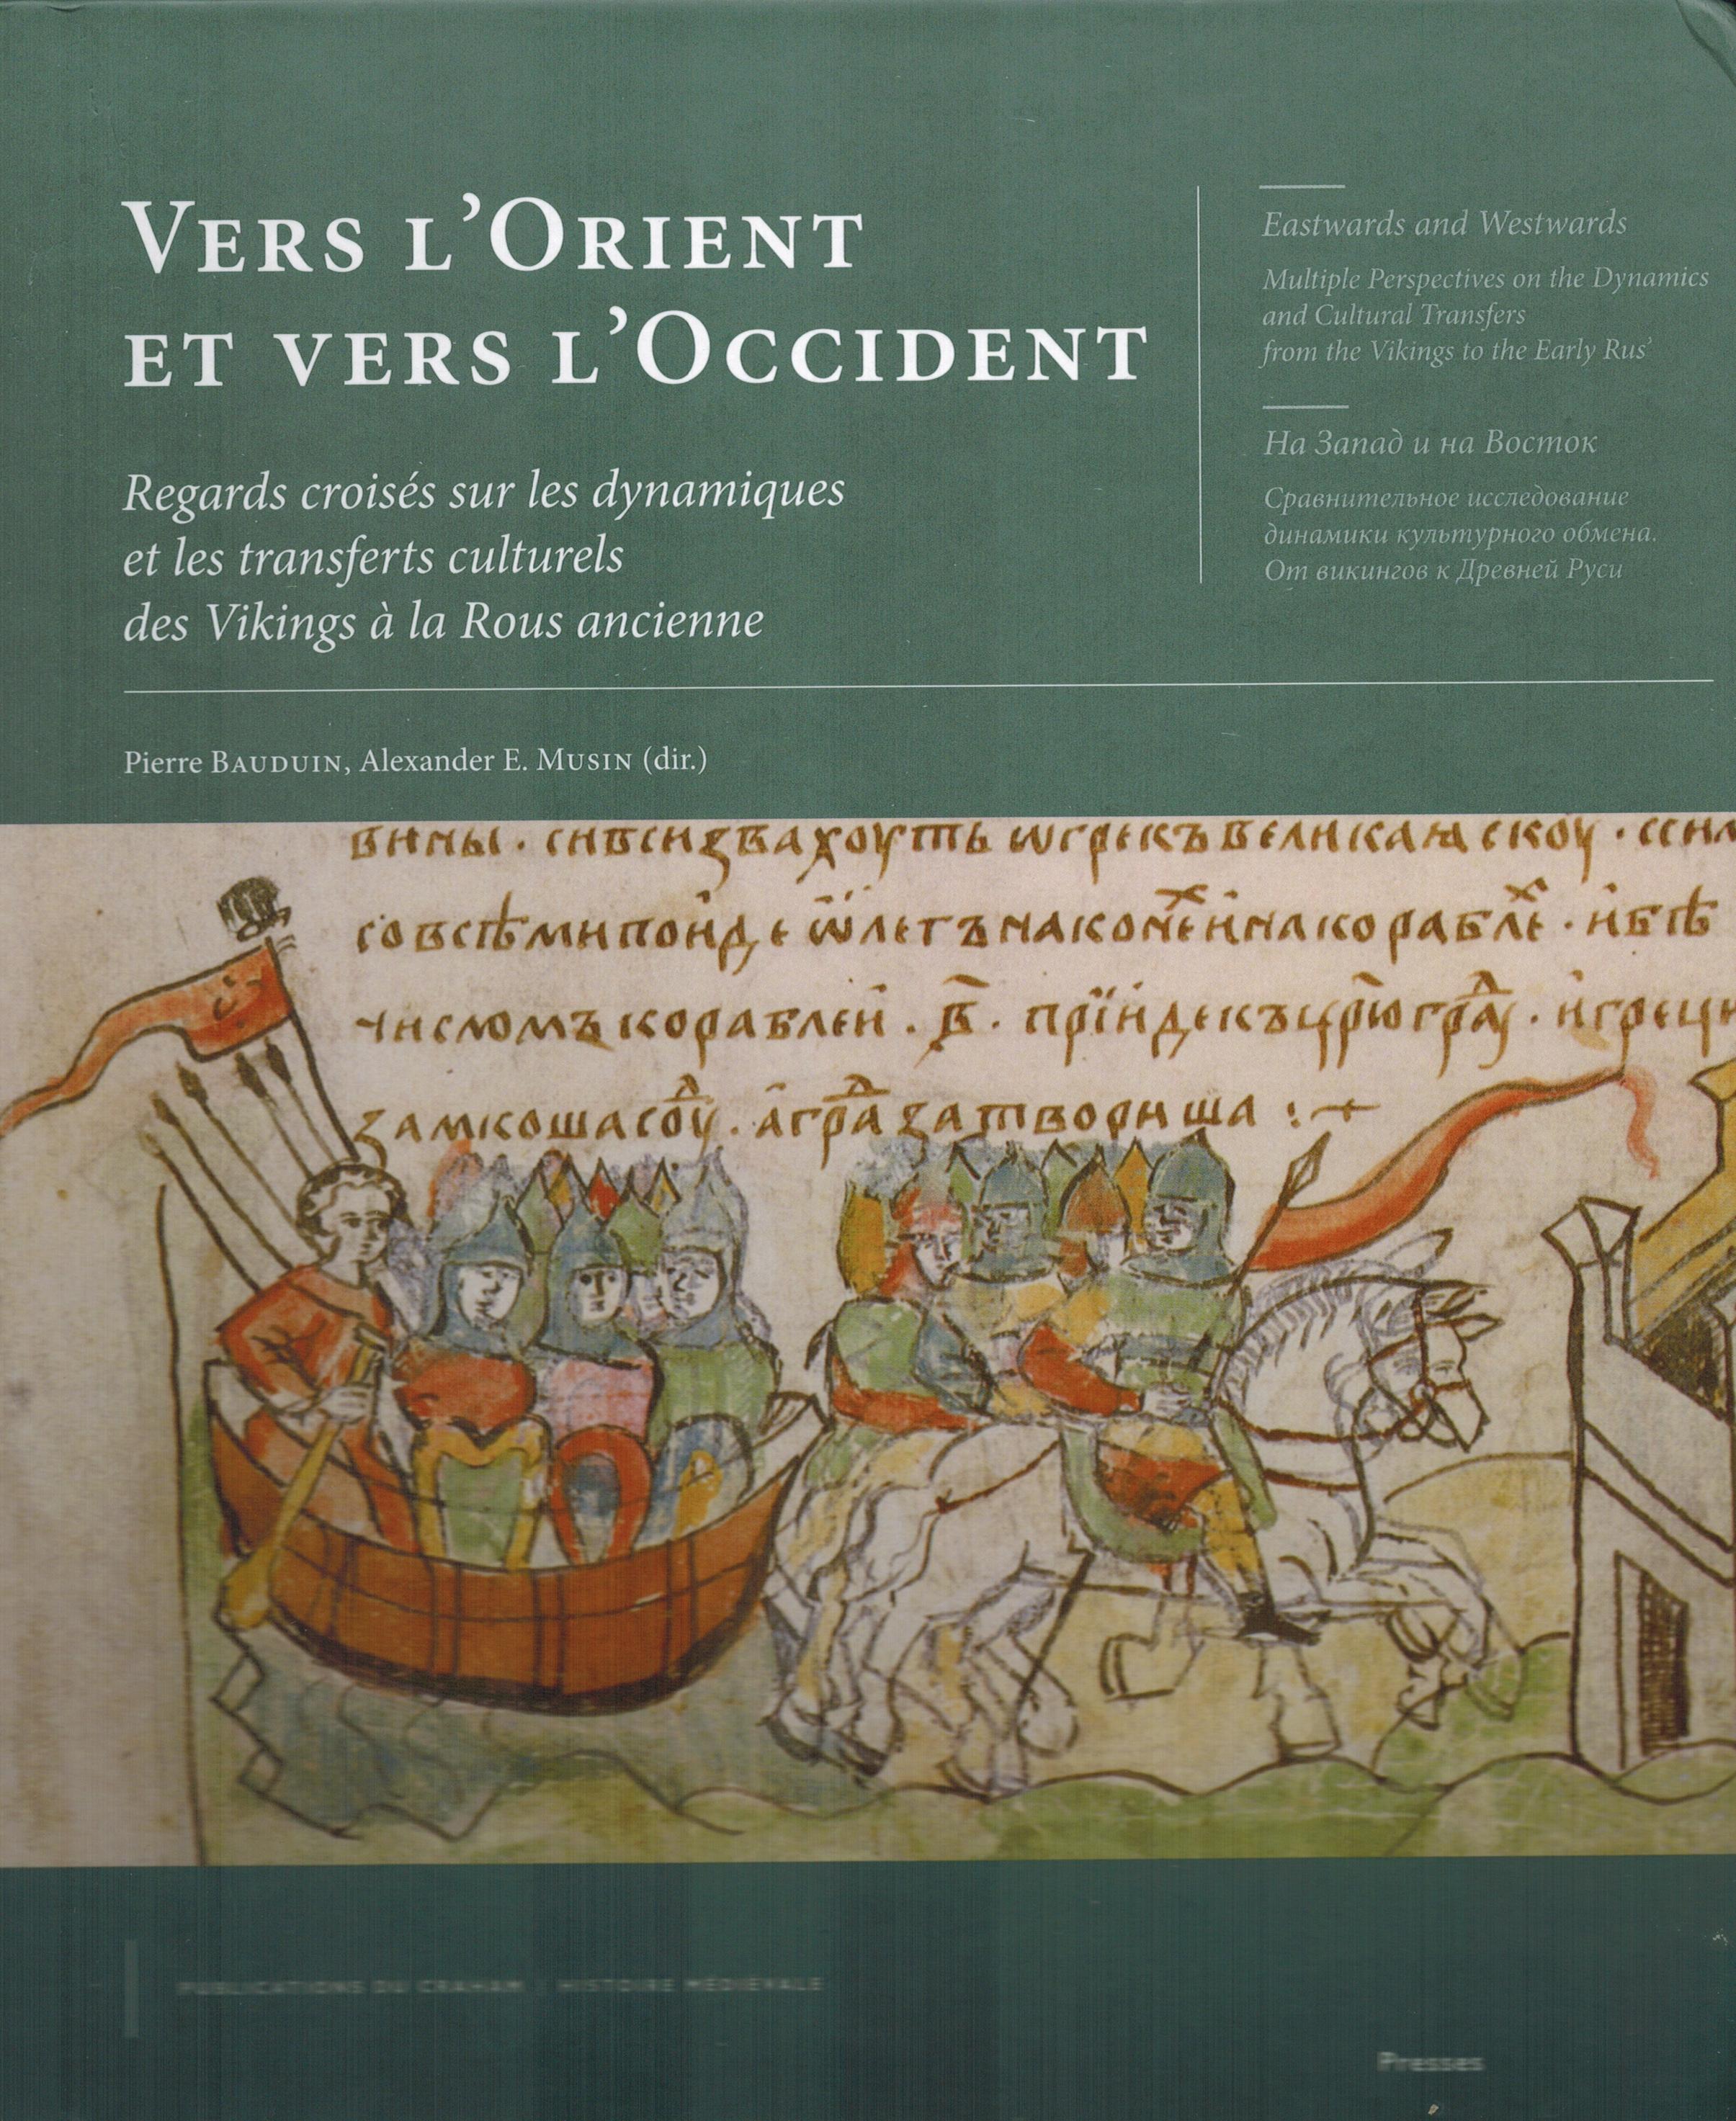 Vers l'Orient et vers l'Occident. Regards croises sur les dynamiques et les transferts culturels des Vikings a la Rous ancienne